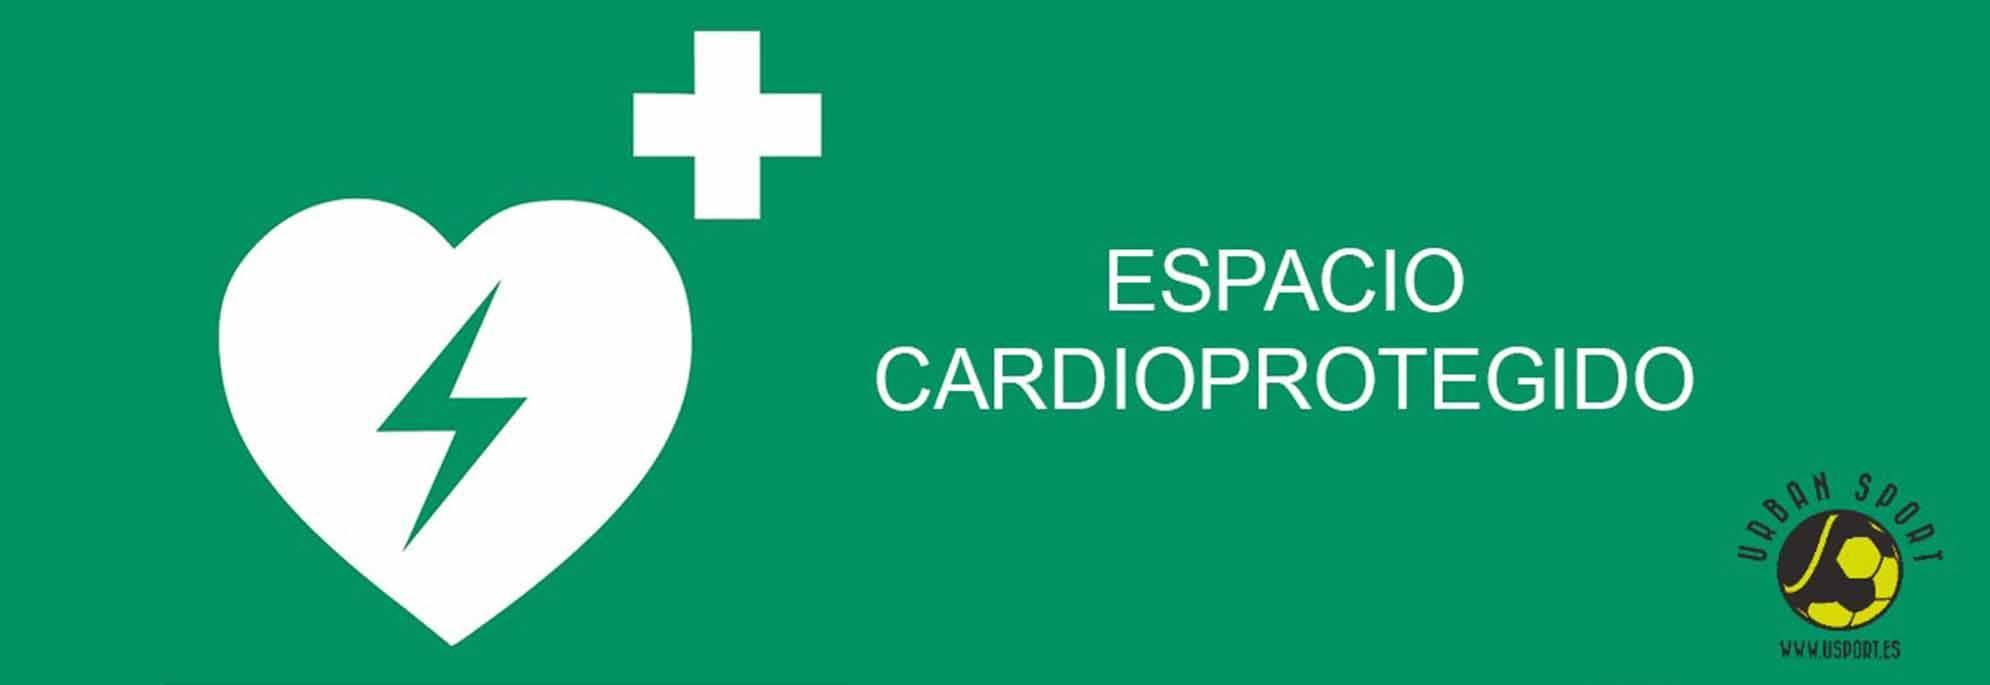 ESPACIO CARDIOPROTEGIDO ALARGADO WEB.jpg